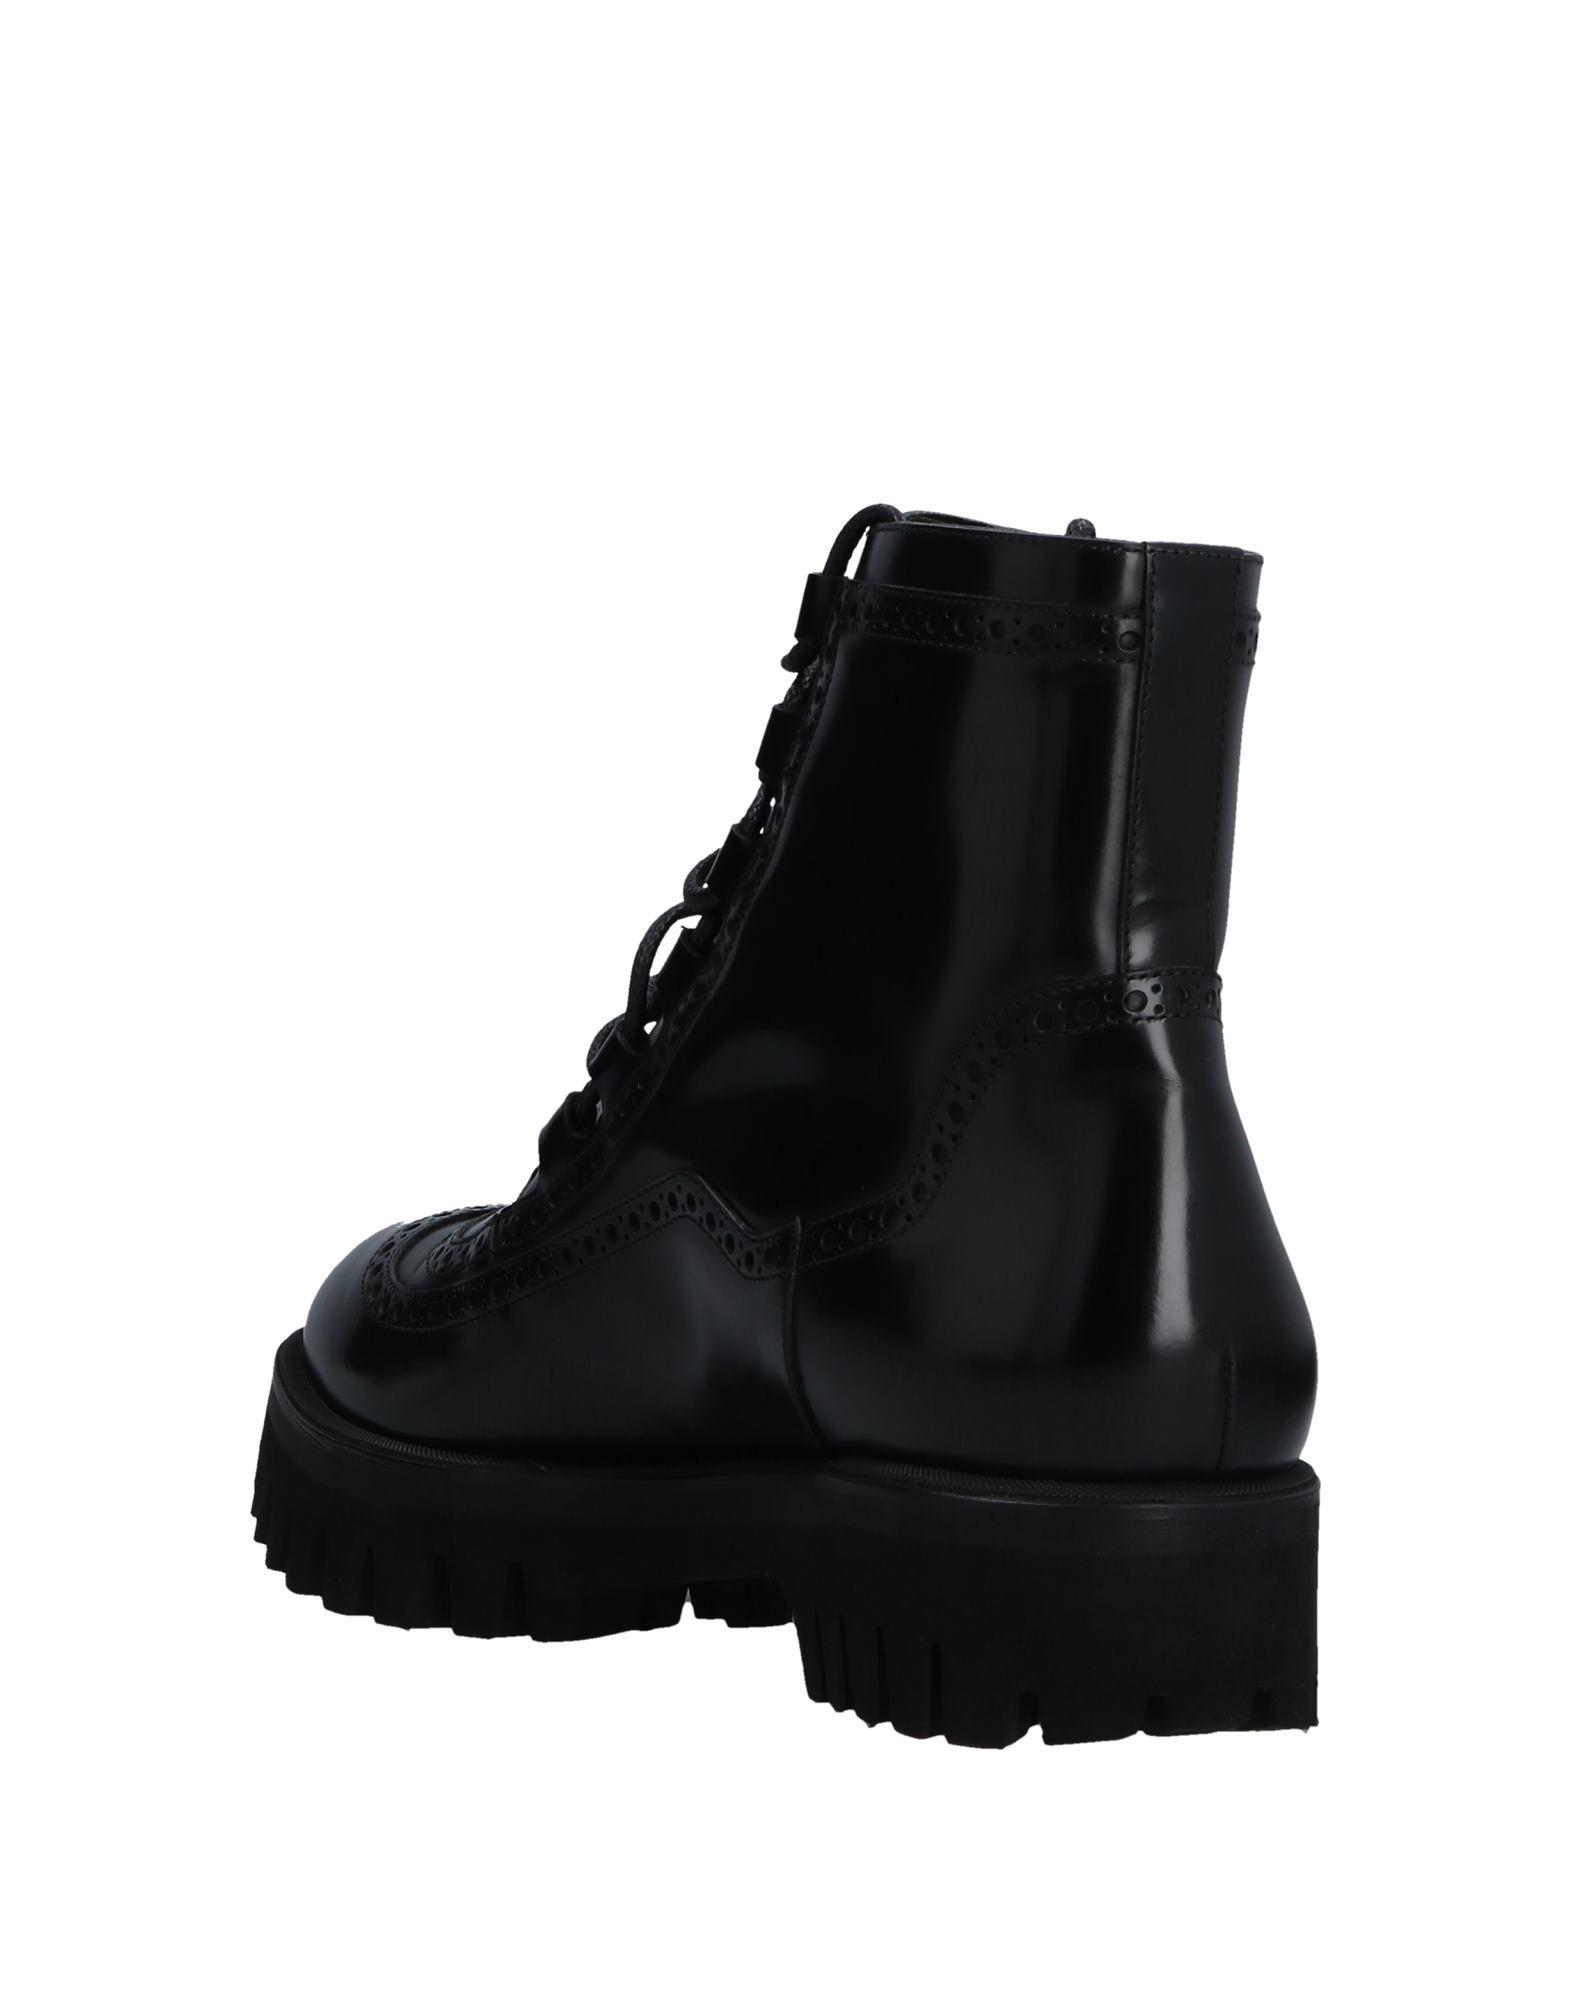 Dolce & Gabbana Stiefelette Herren  11517067AJ Neue Schuhe